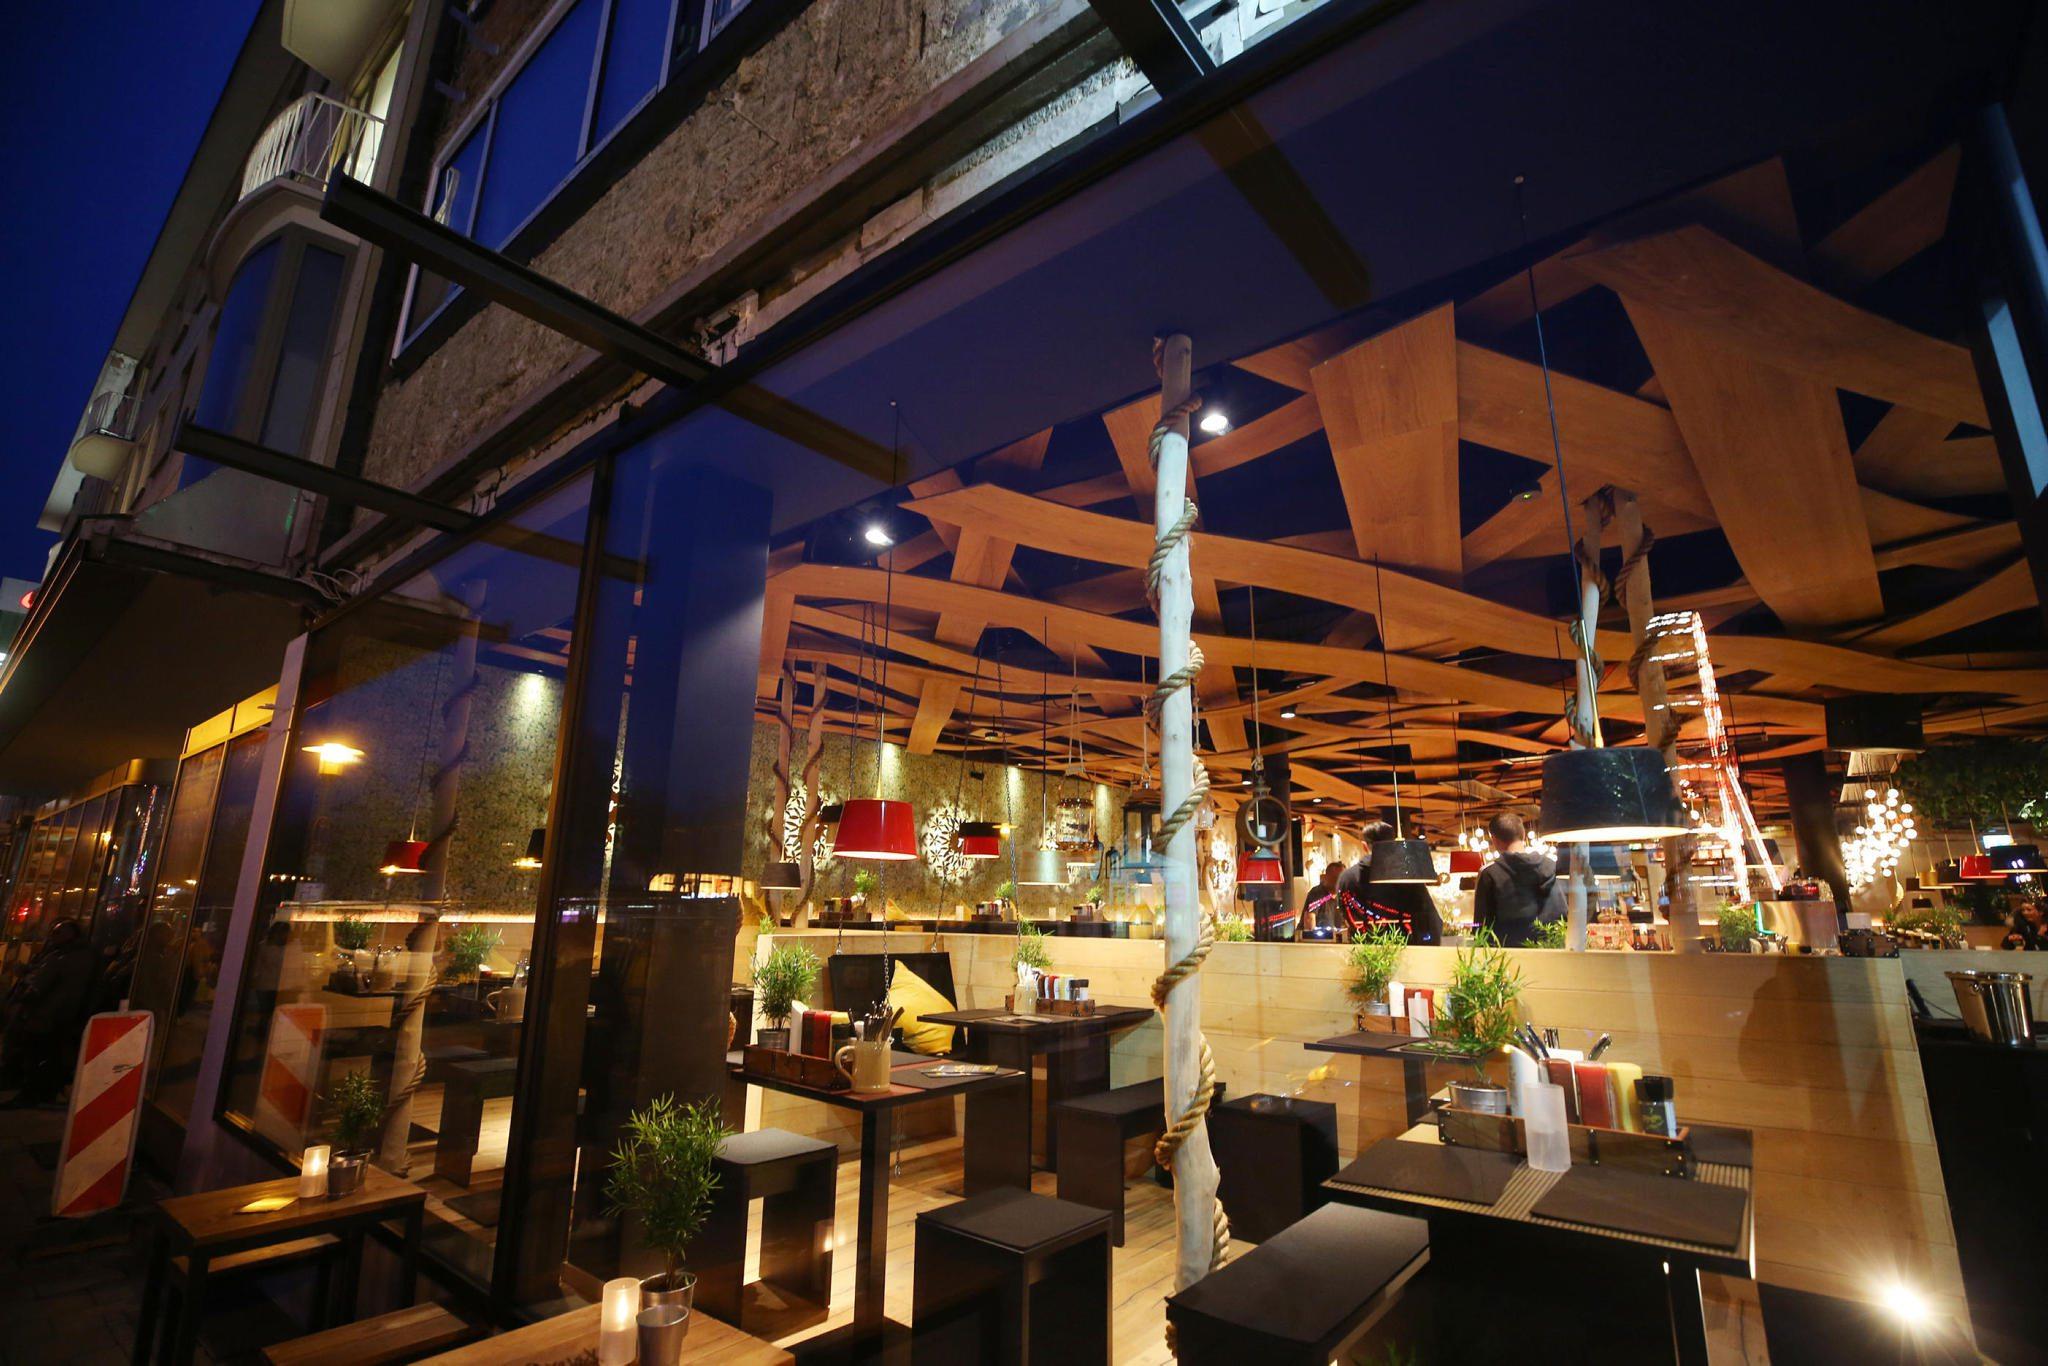 Peter Pane In Kassel Burgerladen öffnet Am Friedrichsplatz Mitte